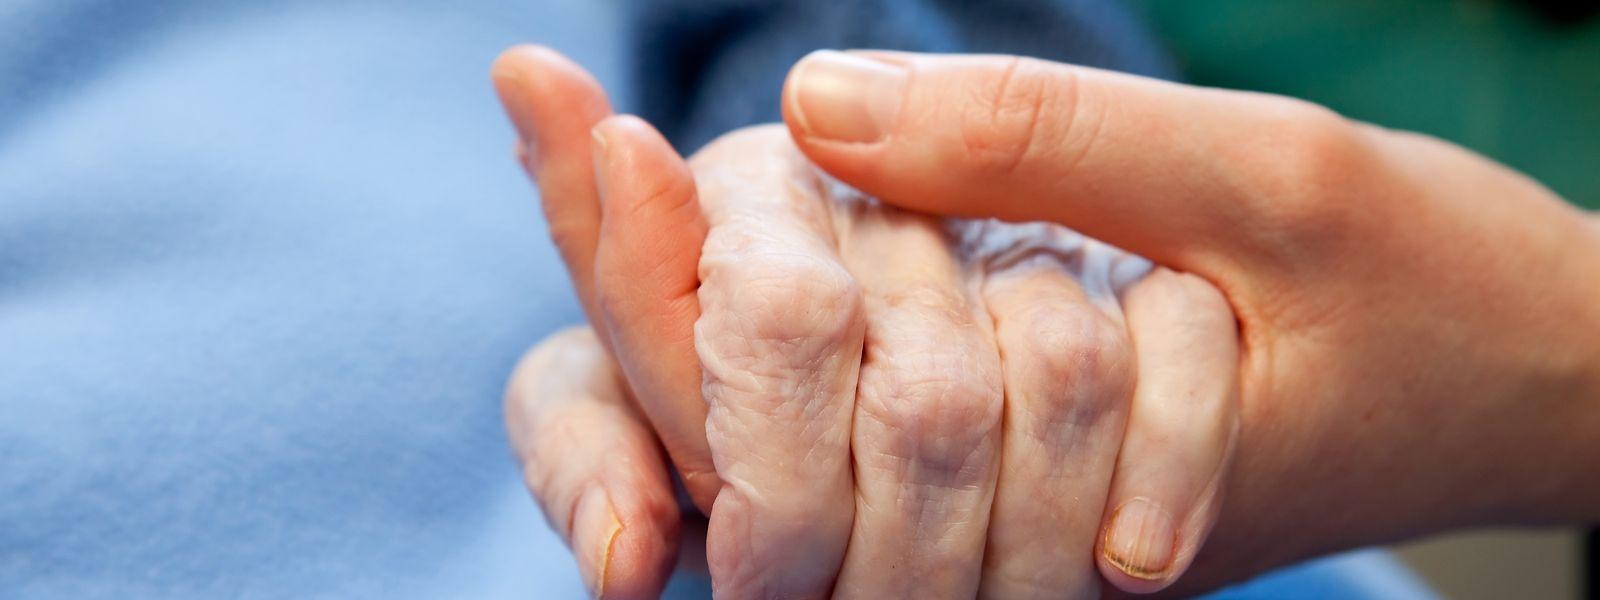 Rund 54 Mitarbeiter und 78 Ehrenamtliche reichten todkranken Menschen bei Omega 90 im vergangenen Jahr eine helfende Hand.